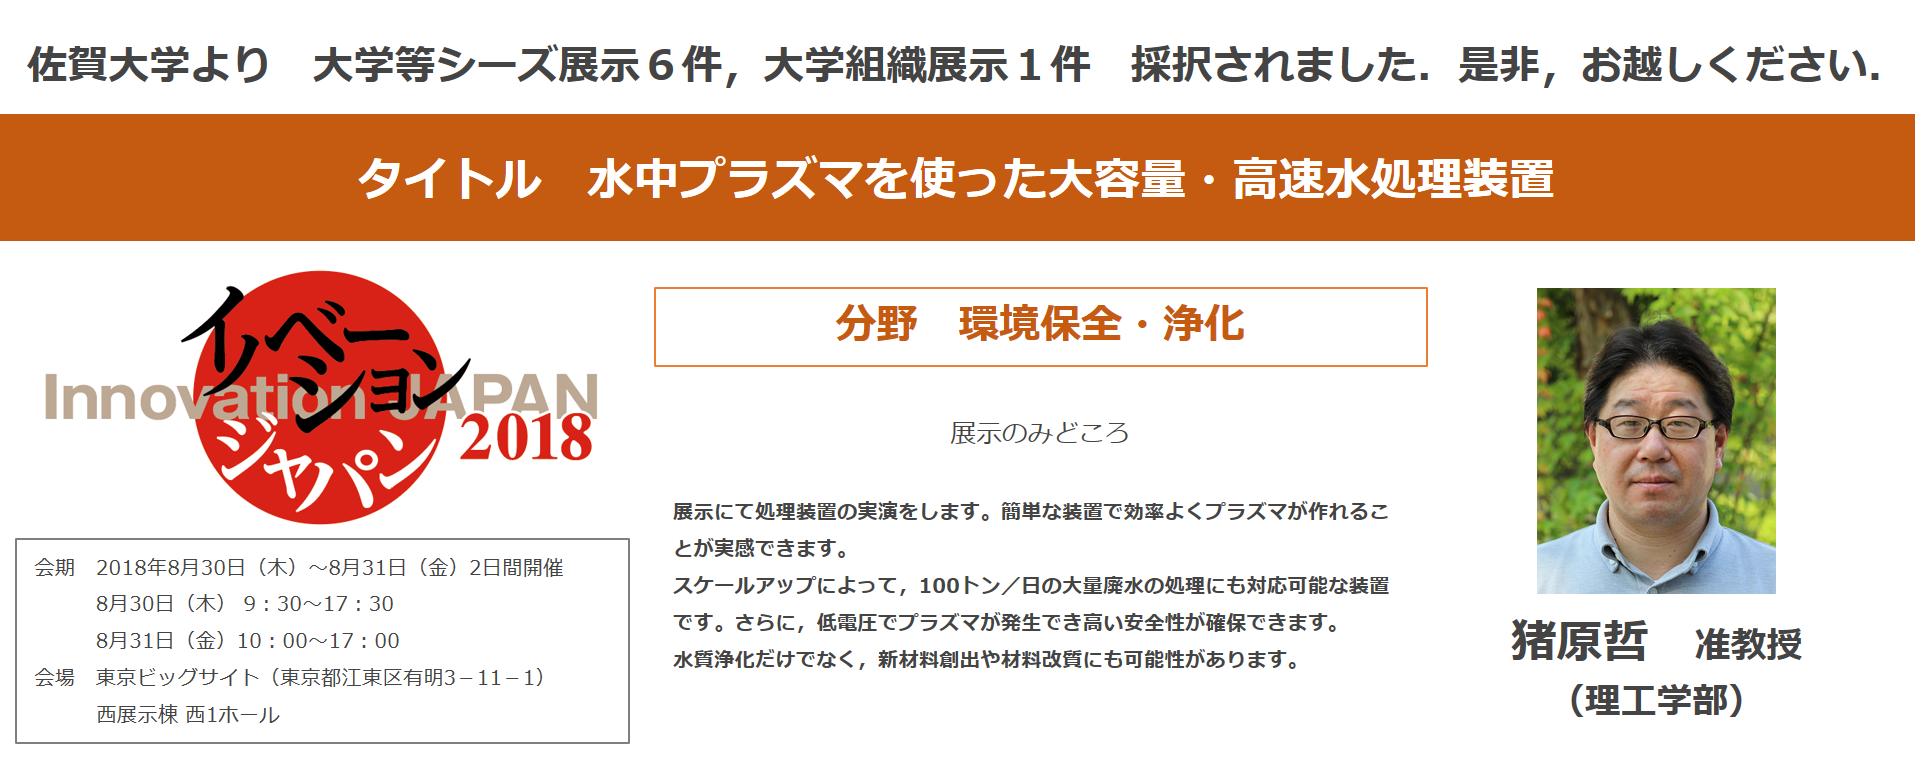 イノベーションジャパン(猪原先生)